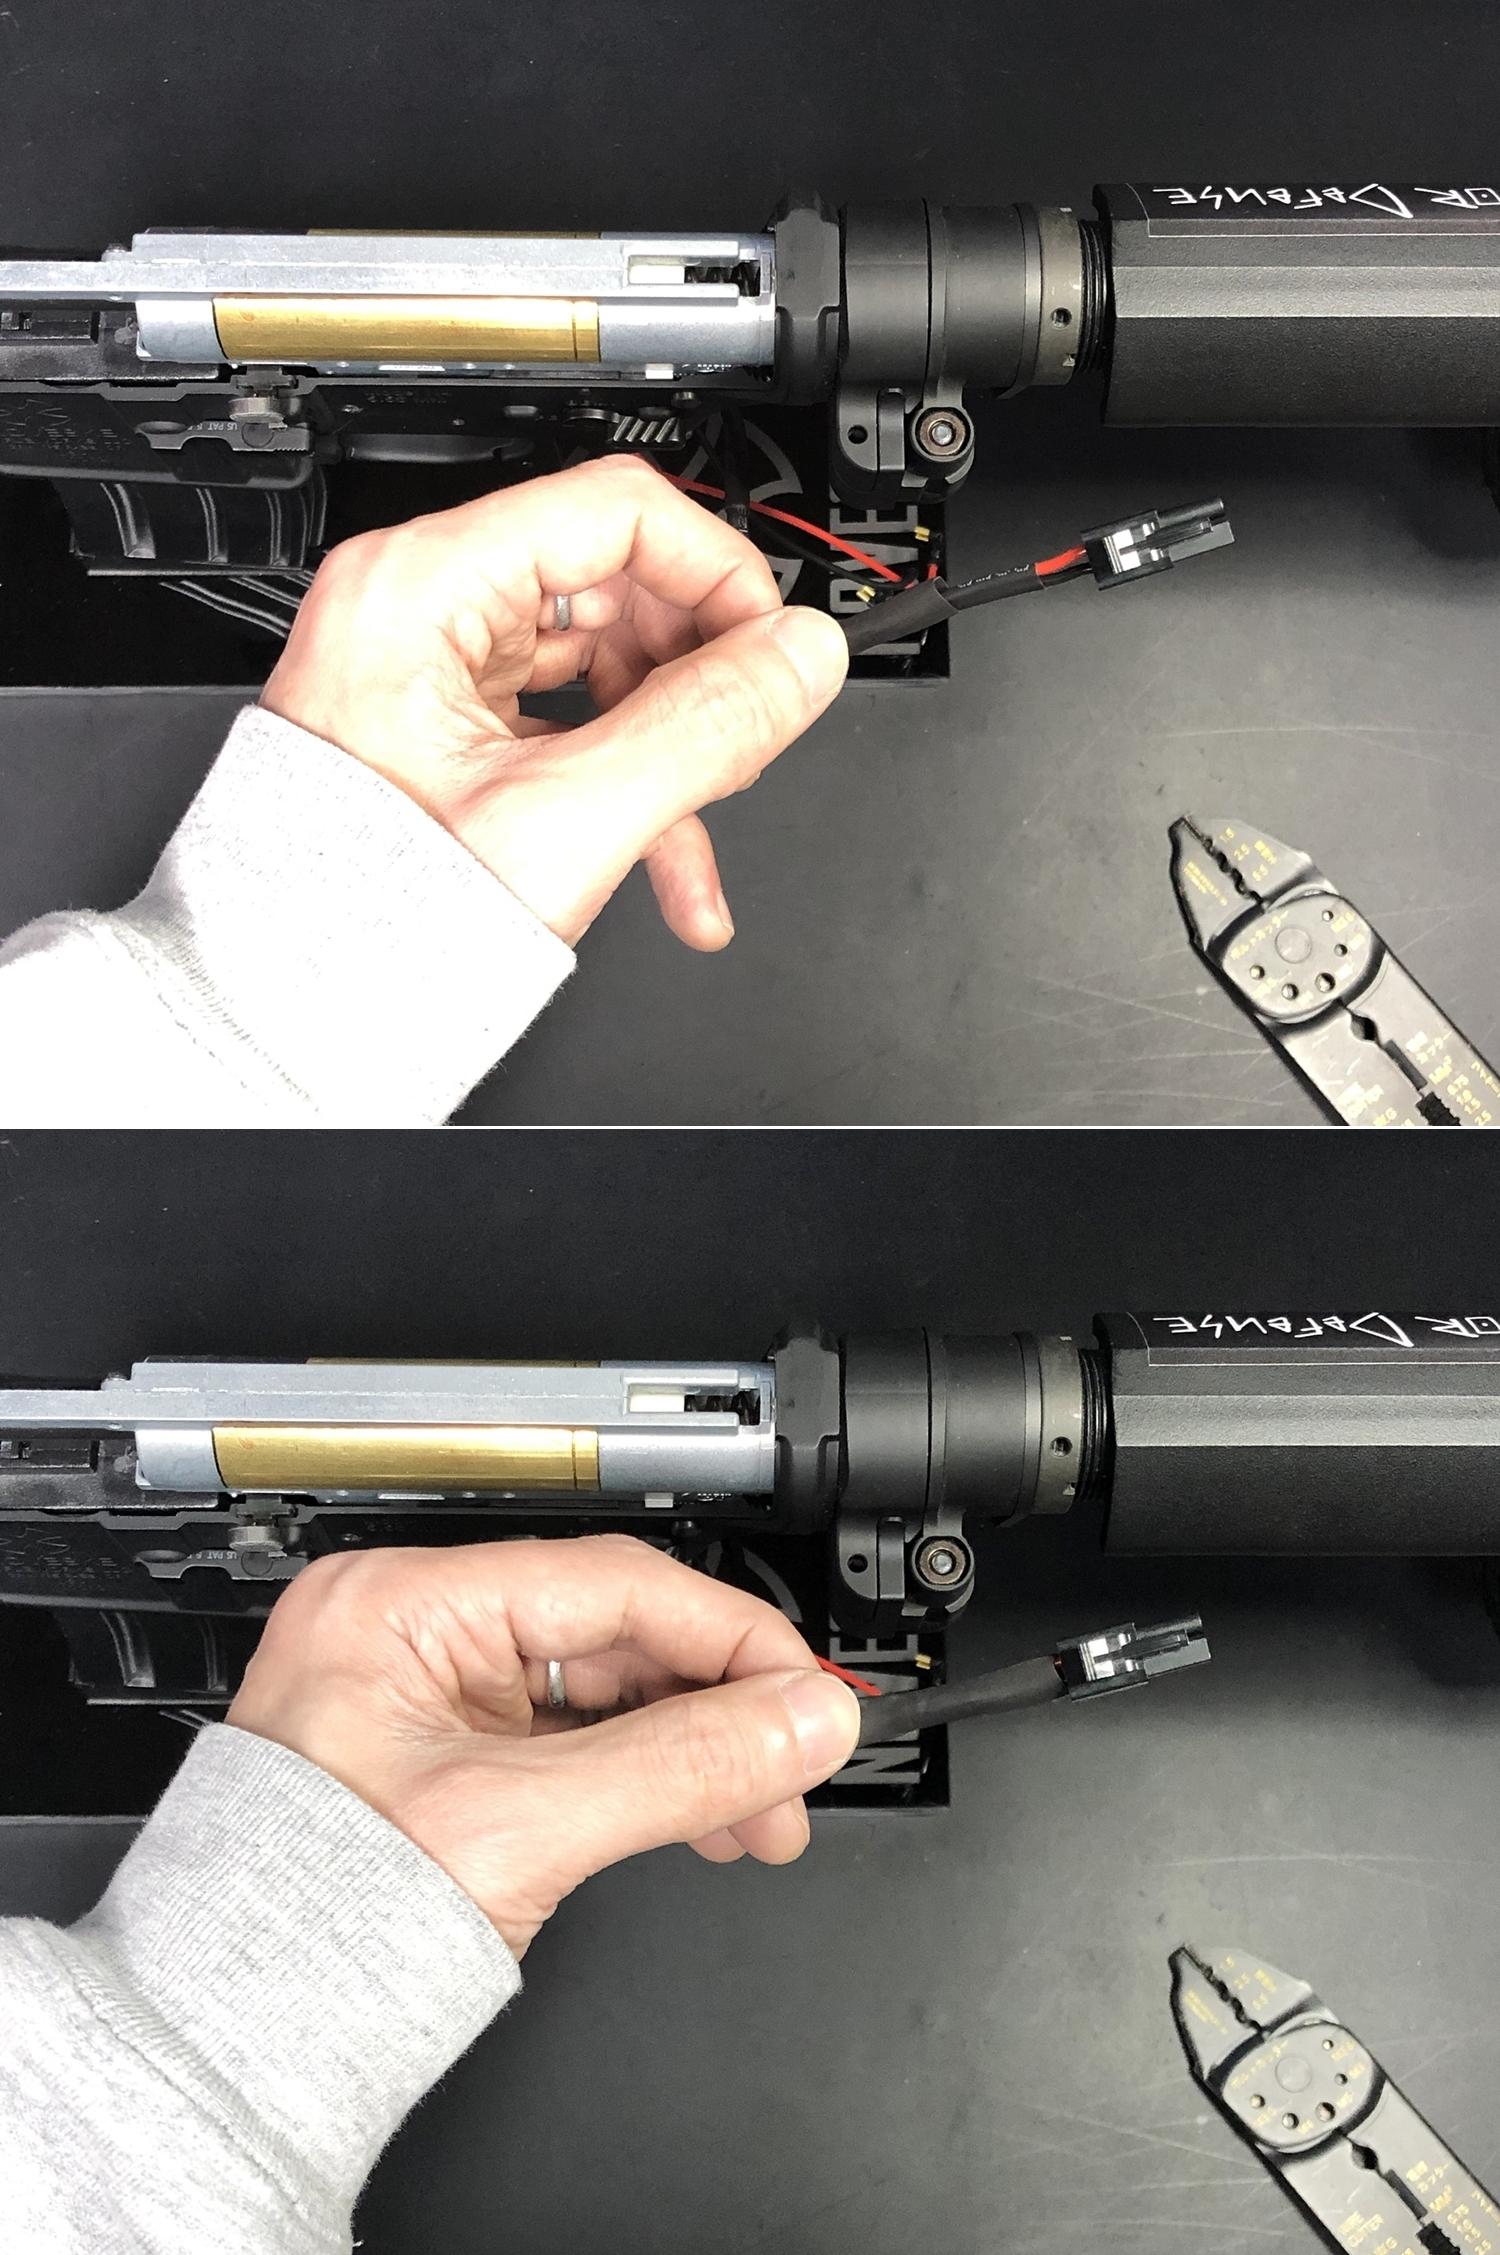 16 次世代 M4 CQB-R 簡易的修理で激的変化!! メカボックス 新品交換 & サマリウム・コバルトモーター カスタム!! メンテナンス 交換 修理 カスタム レビュー!!